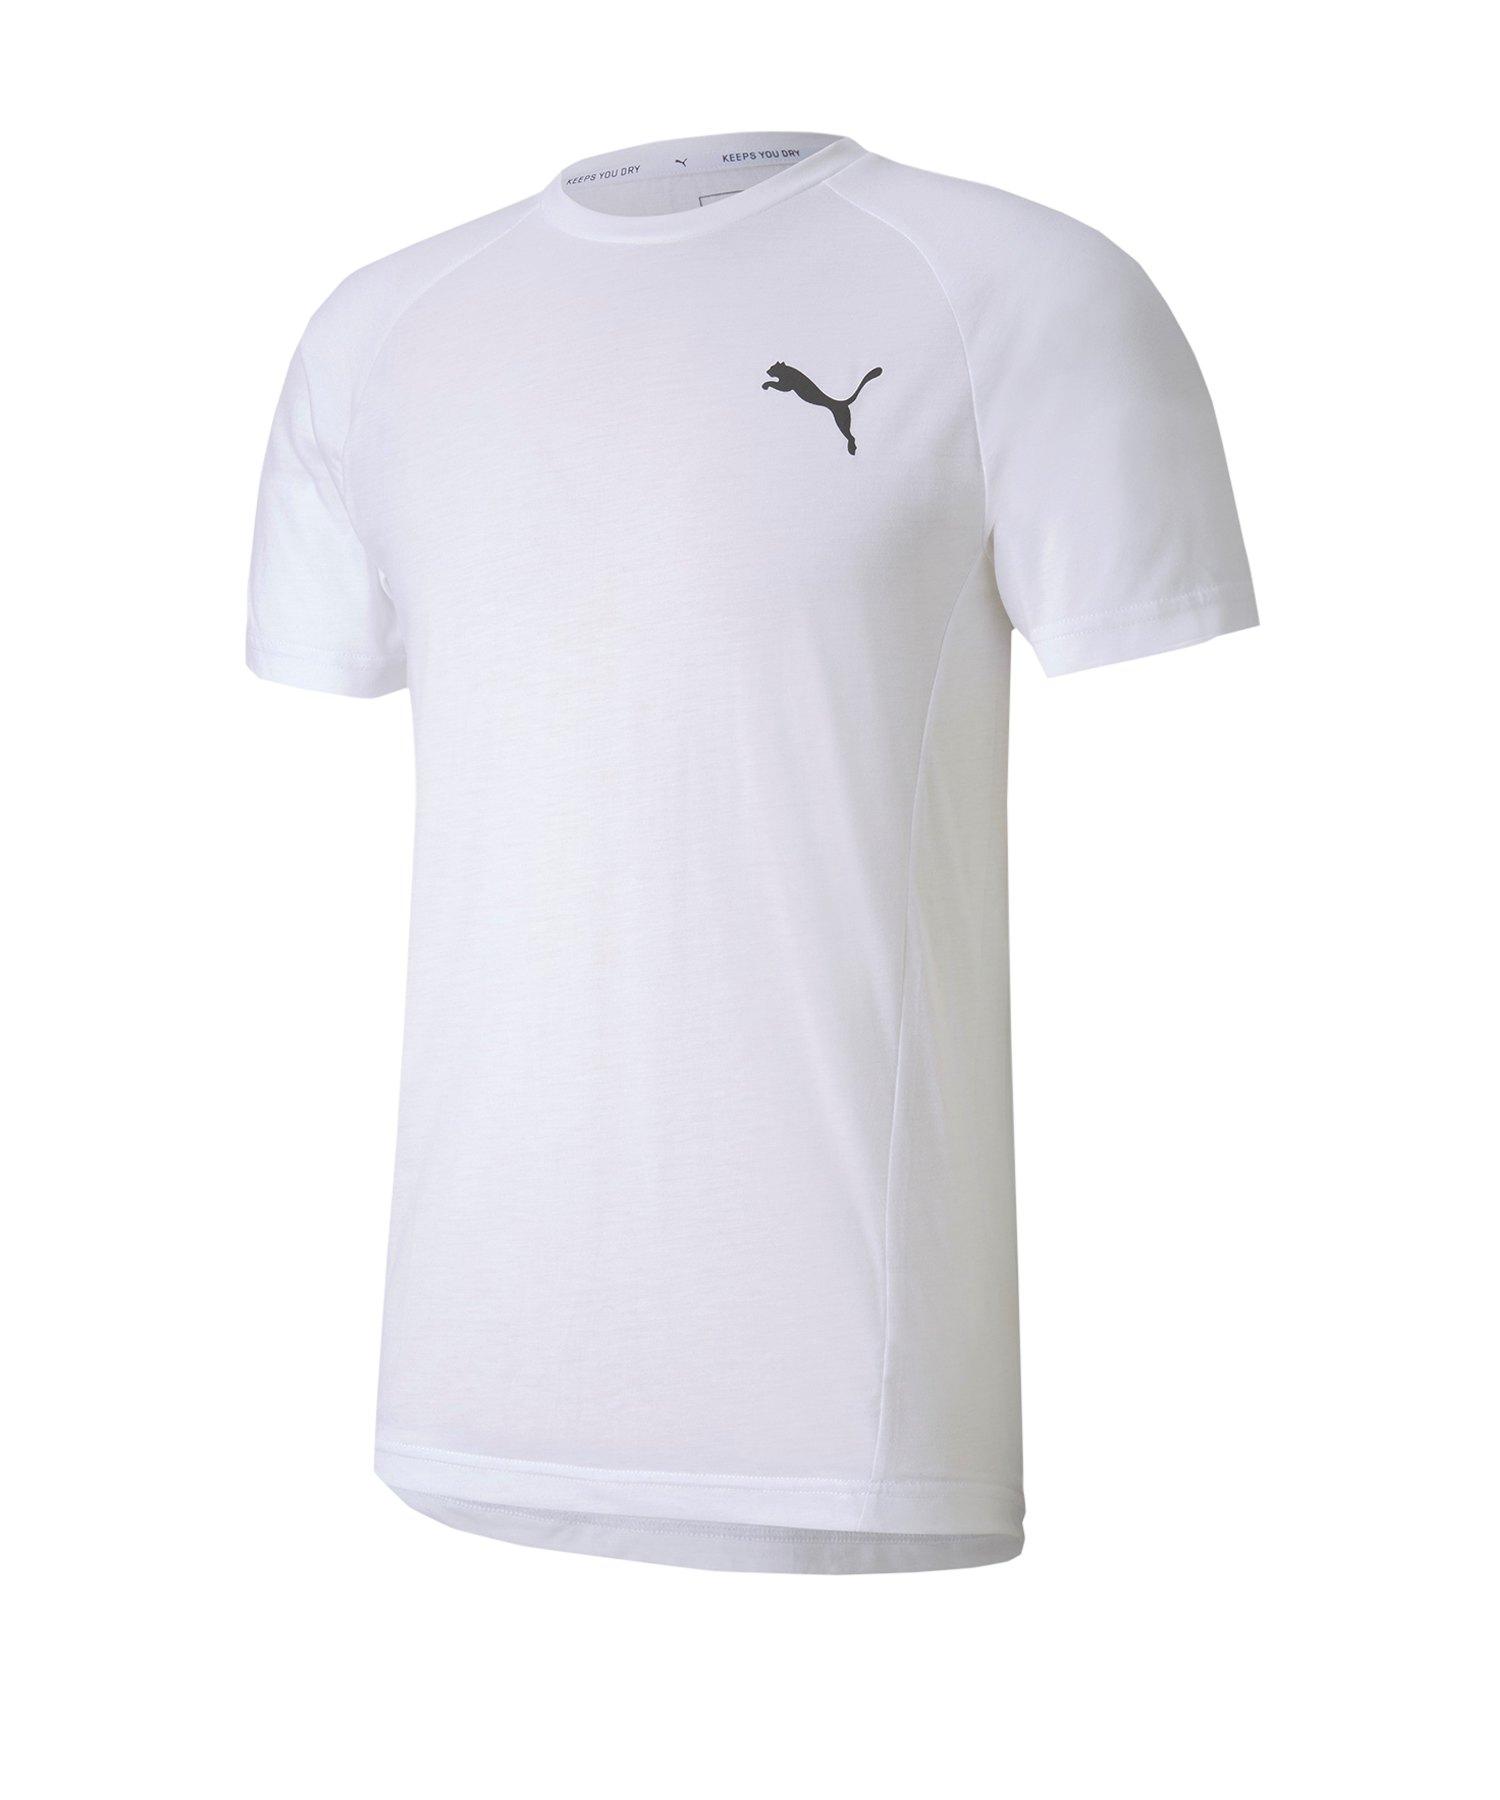 PUMA Evostripe Tee T-Shirt Weiss F02 - weiss